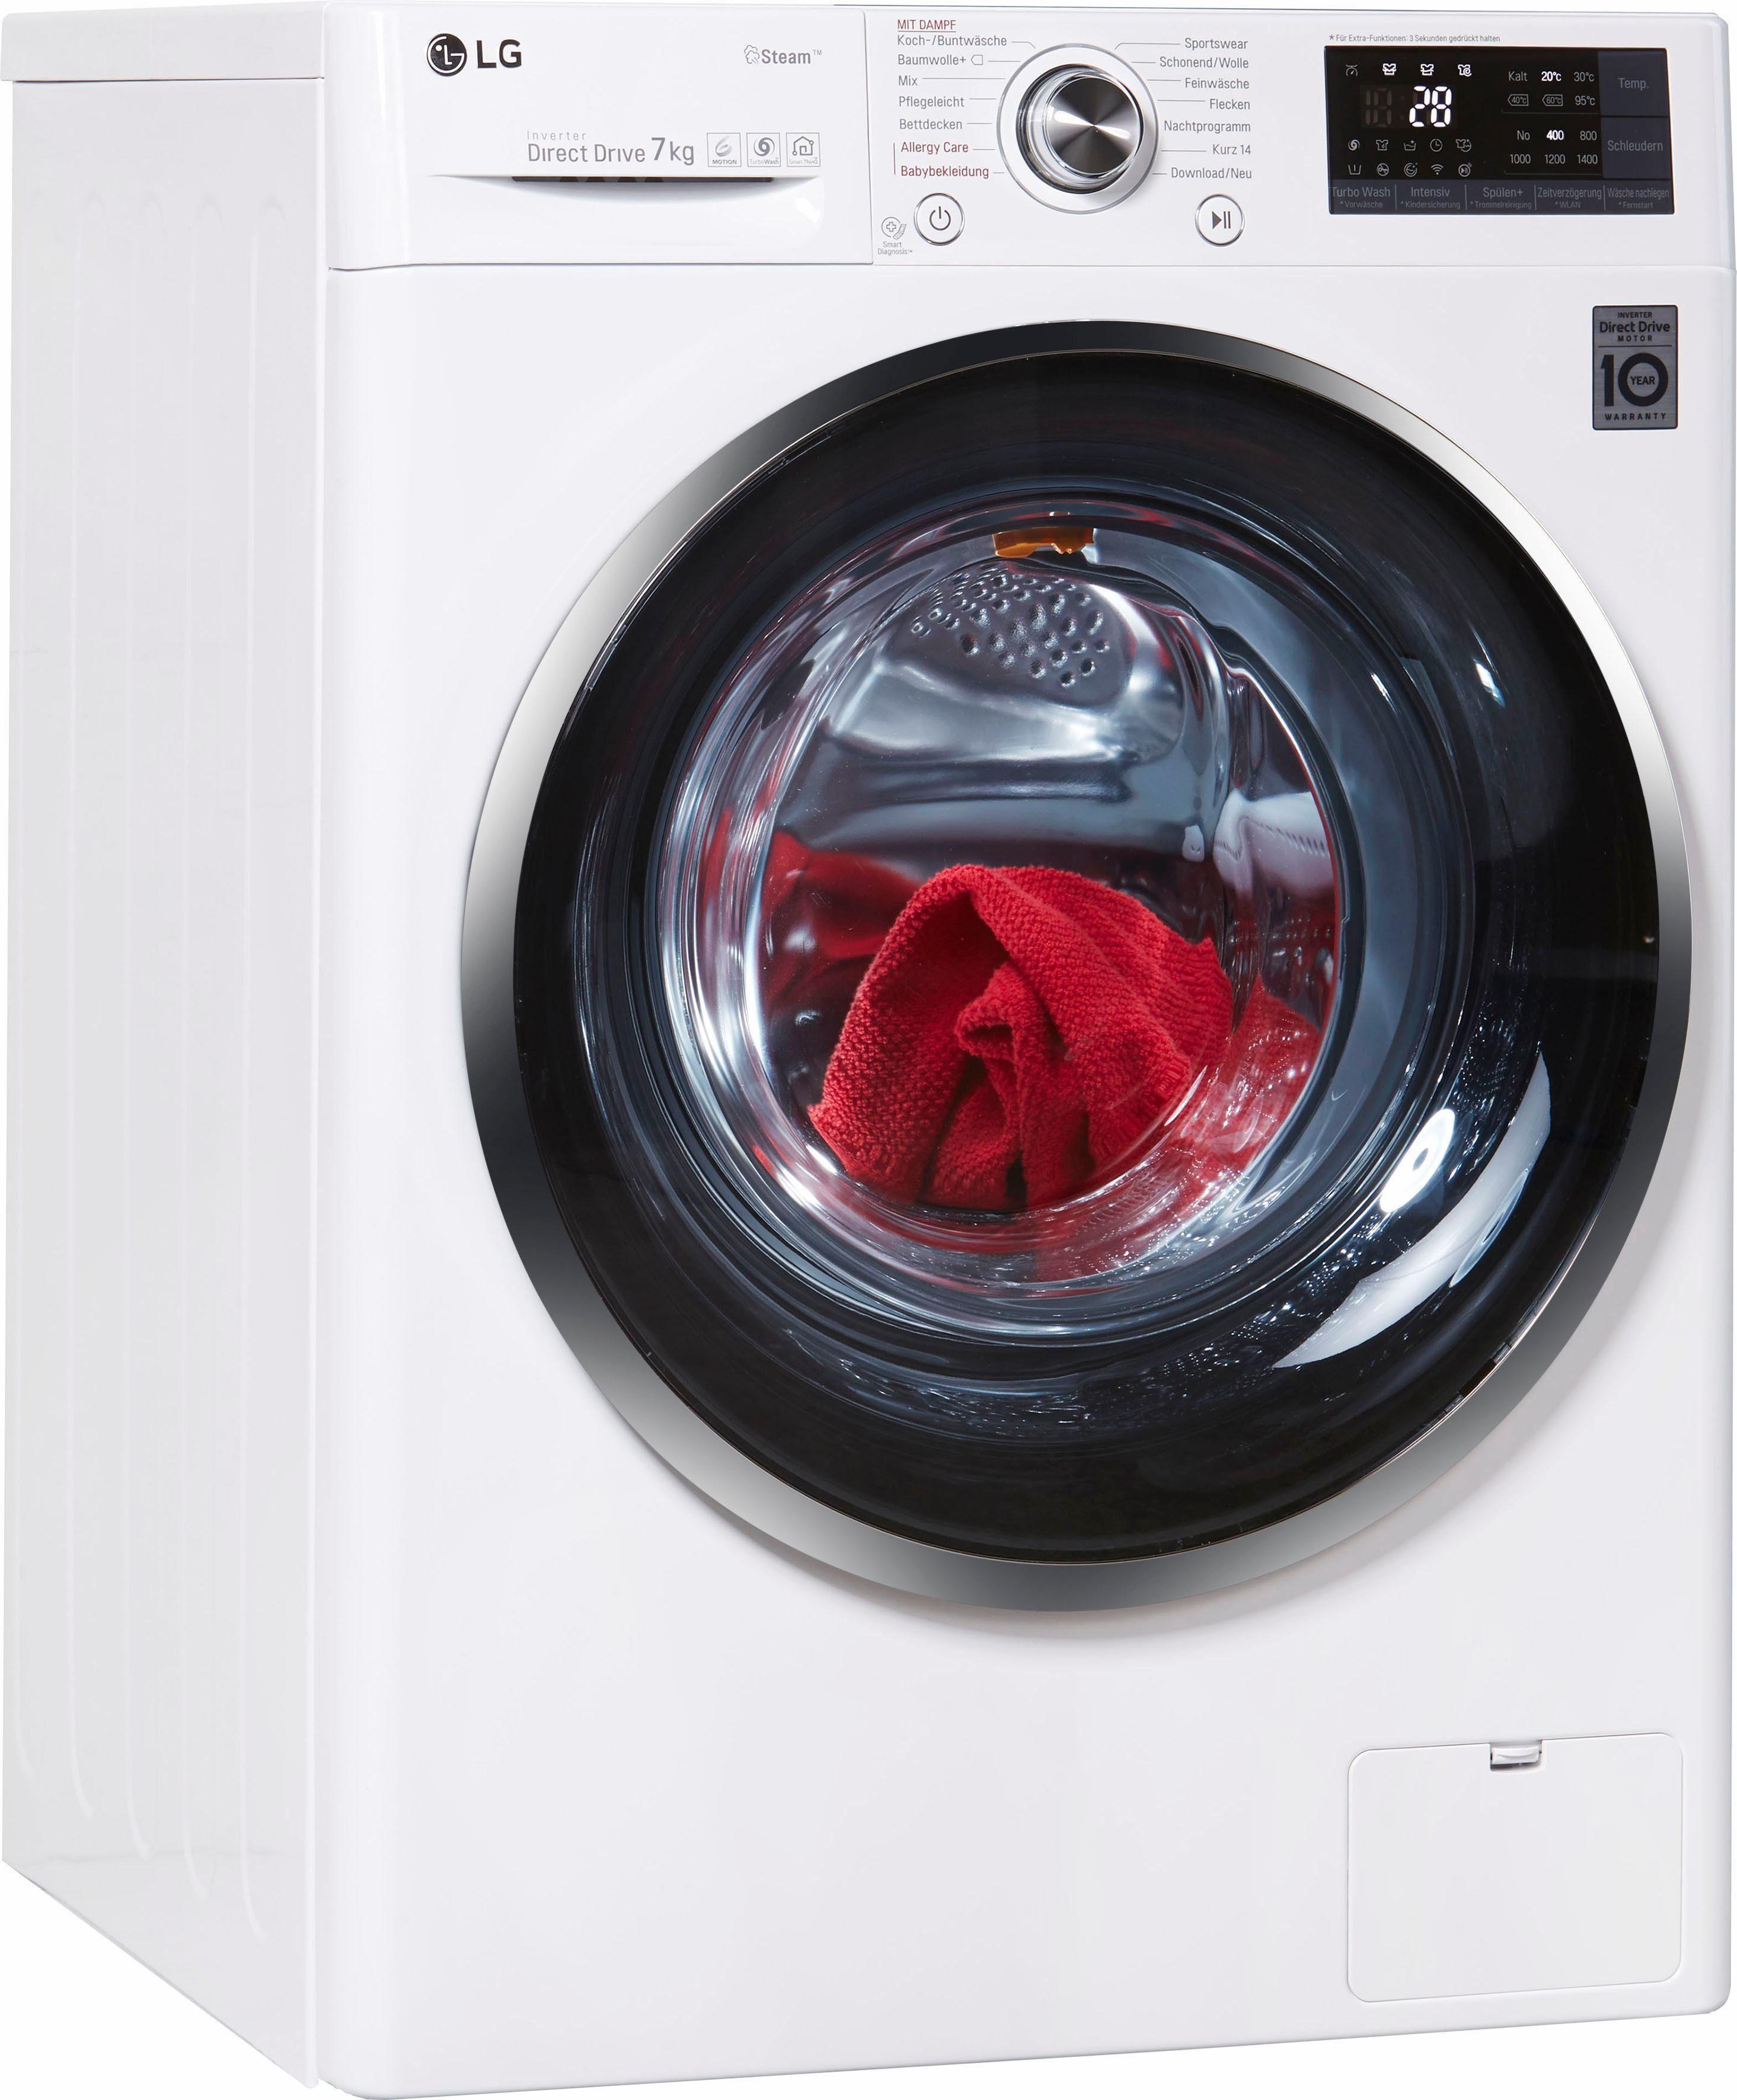 LG Waschmaschine Hygiene Care F 14WM 7TS2, 7 kg, 1400 U/Min, SpaSteam Dampffunktion